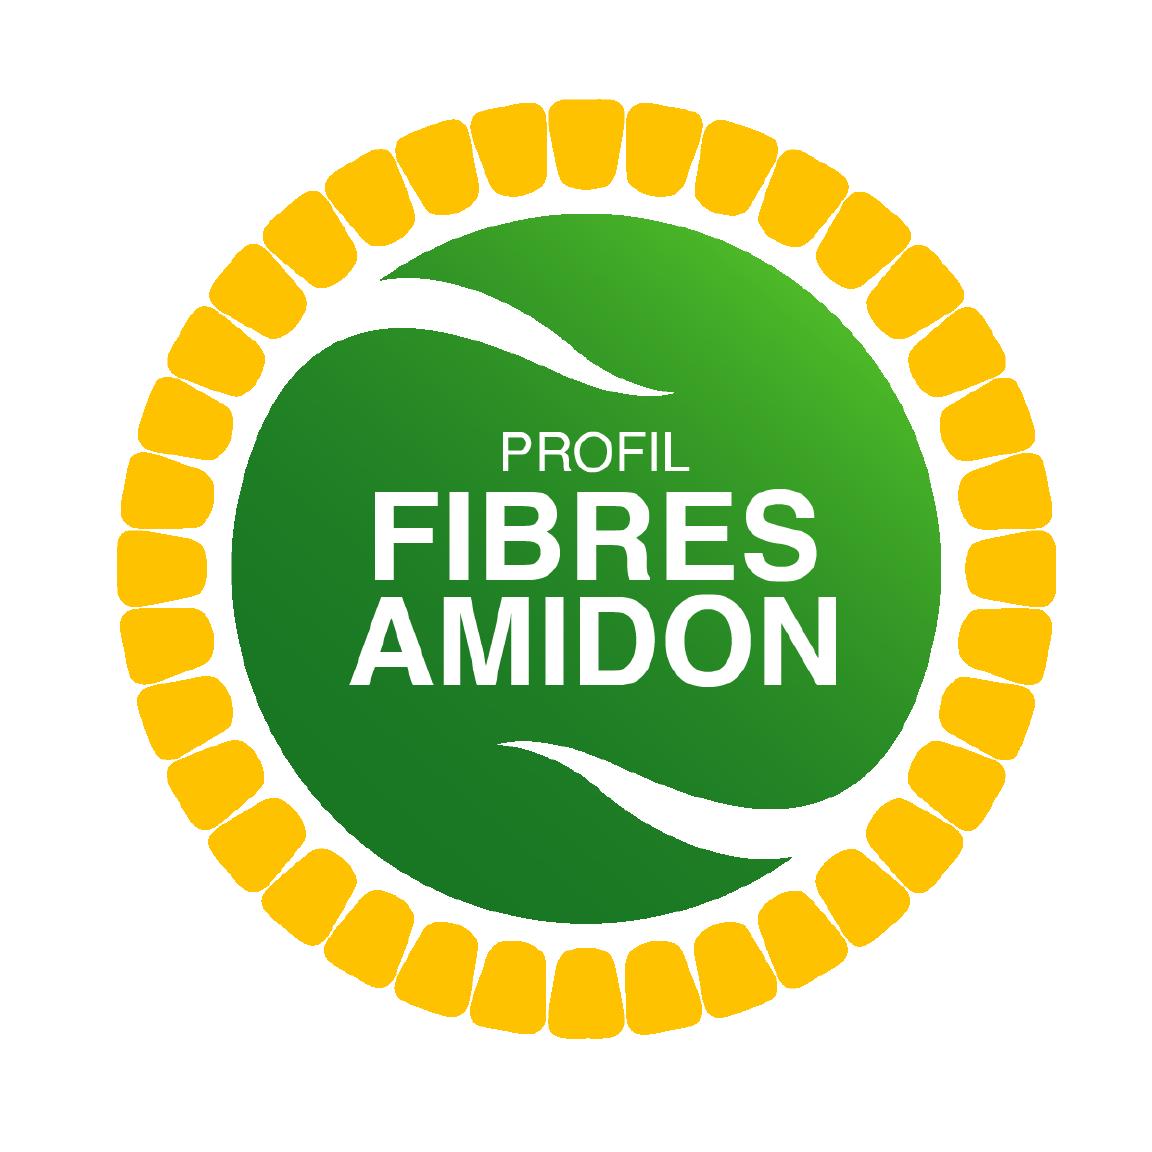 Logo_Profil_Fibres_Amidon-01.png